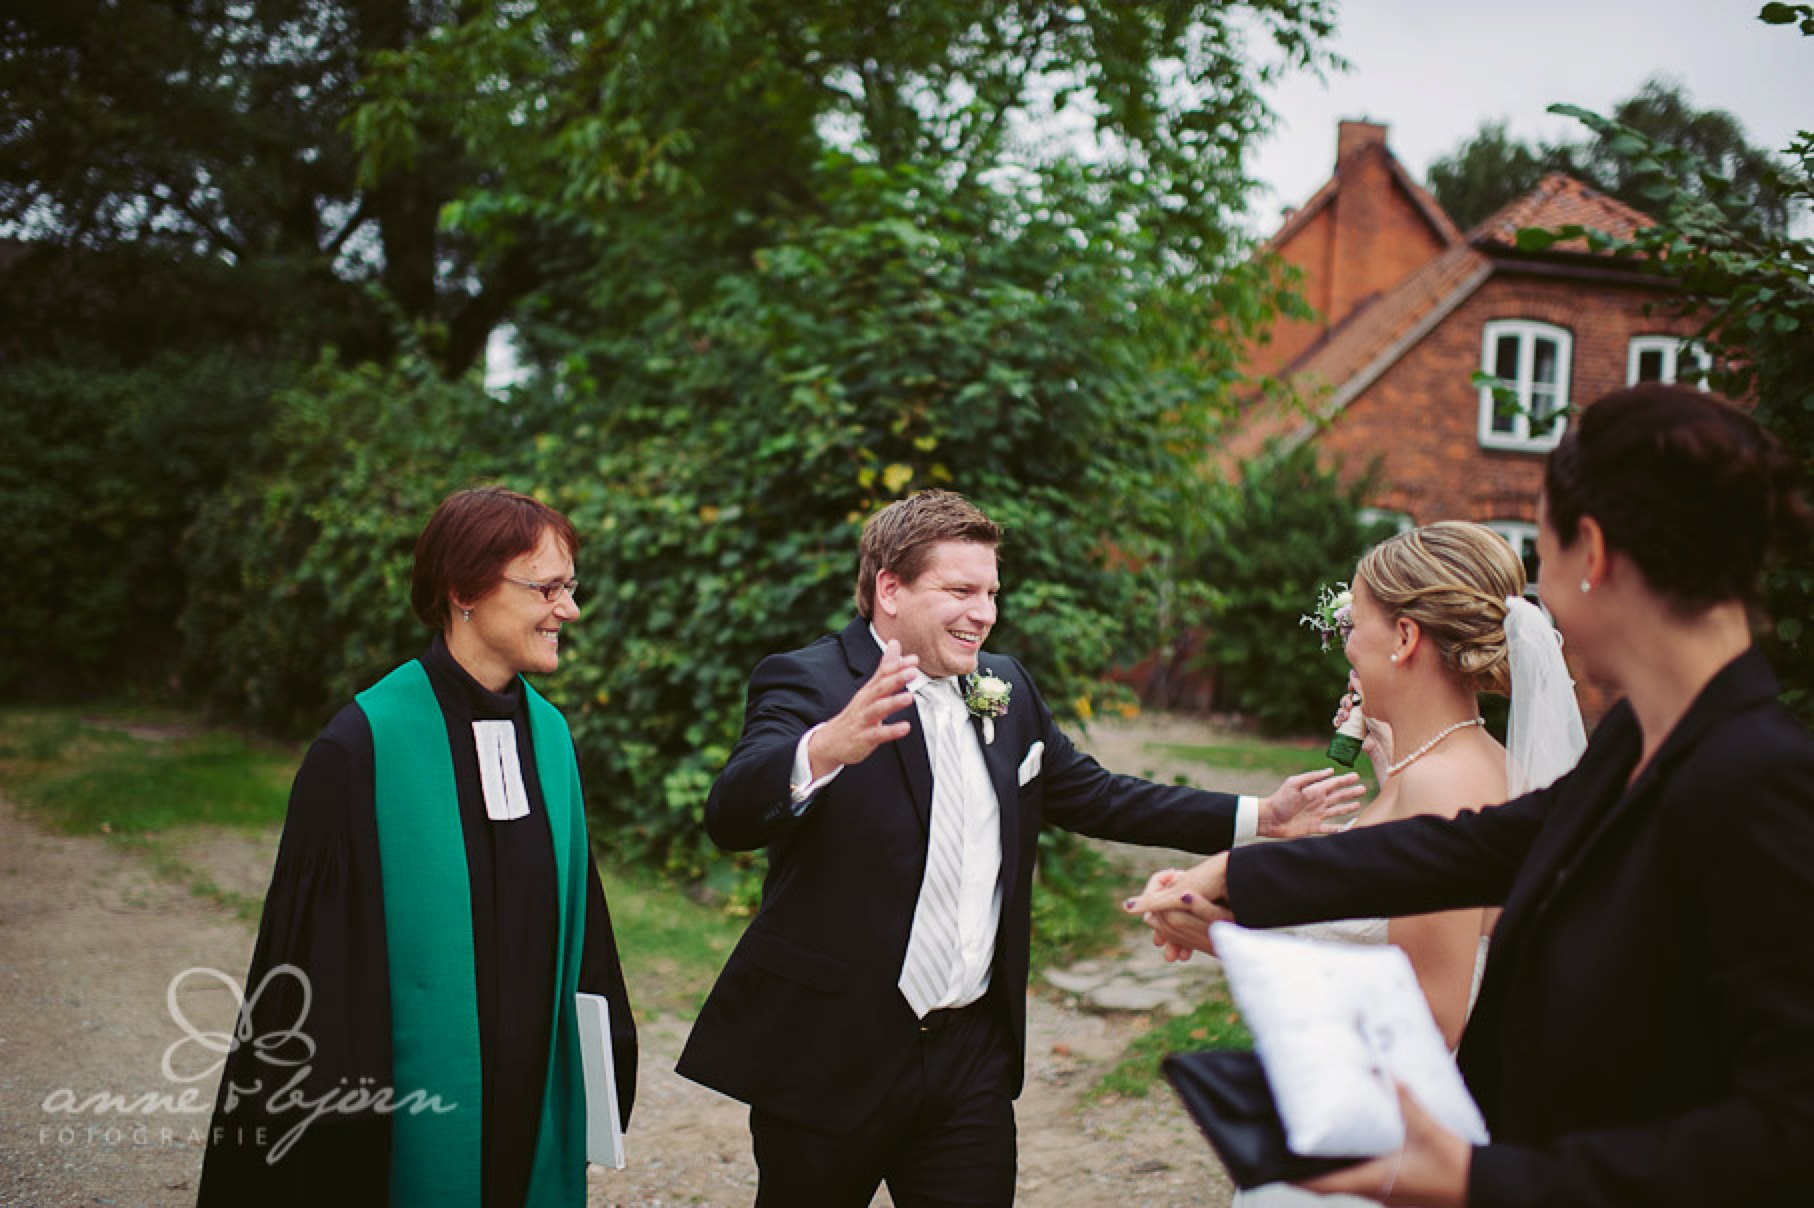 0044 cup aub 21690 1 - Conny und Philipp - Hochzeit im Hotel Waldhof auf Herrenland